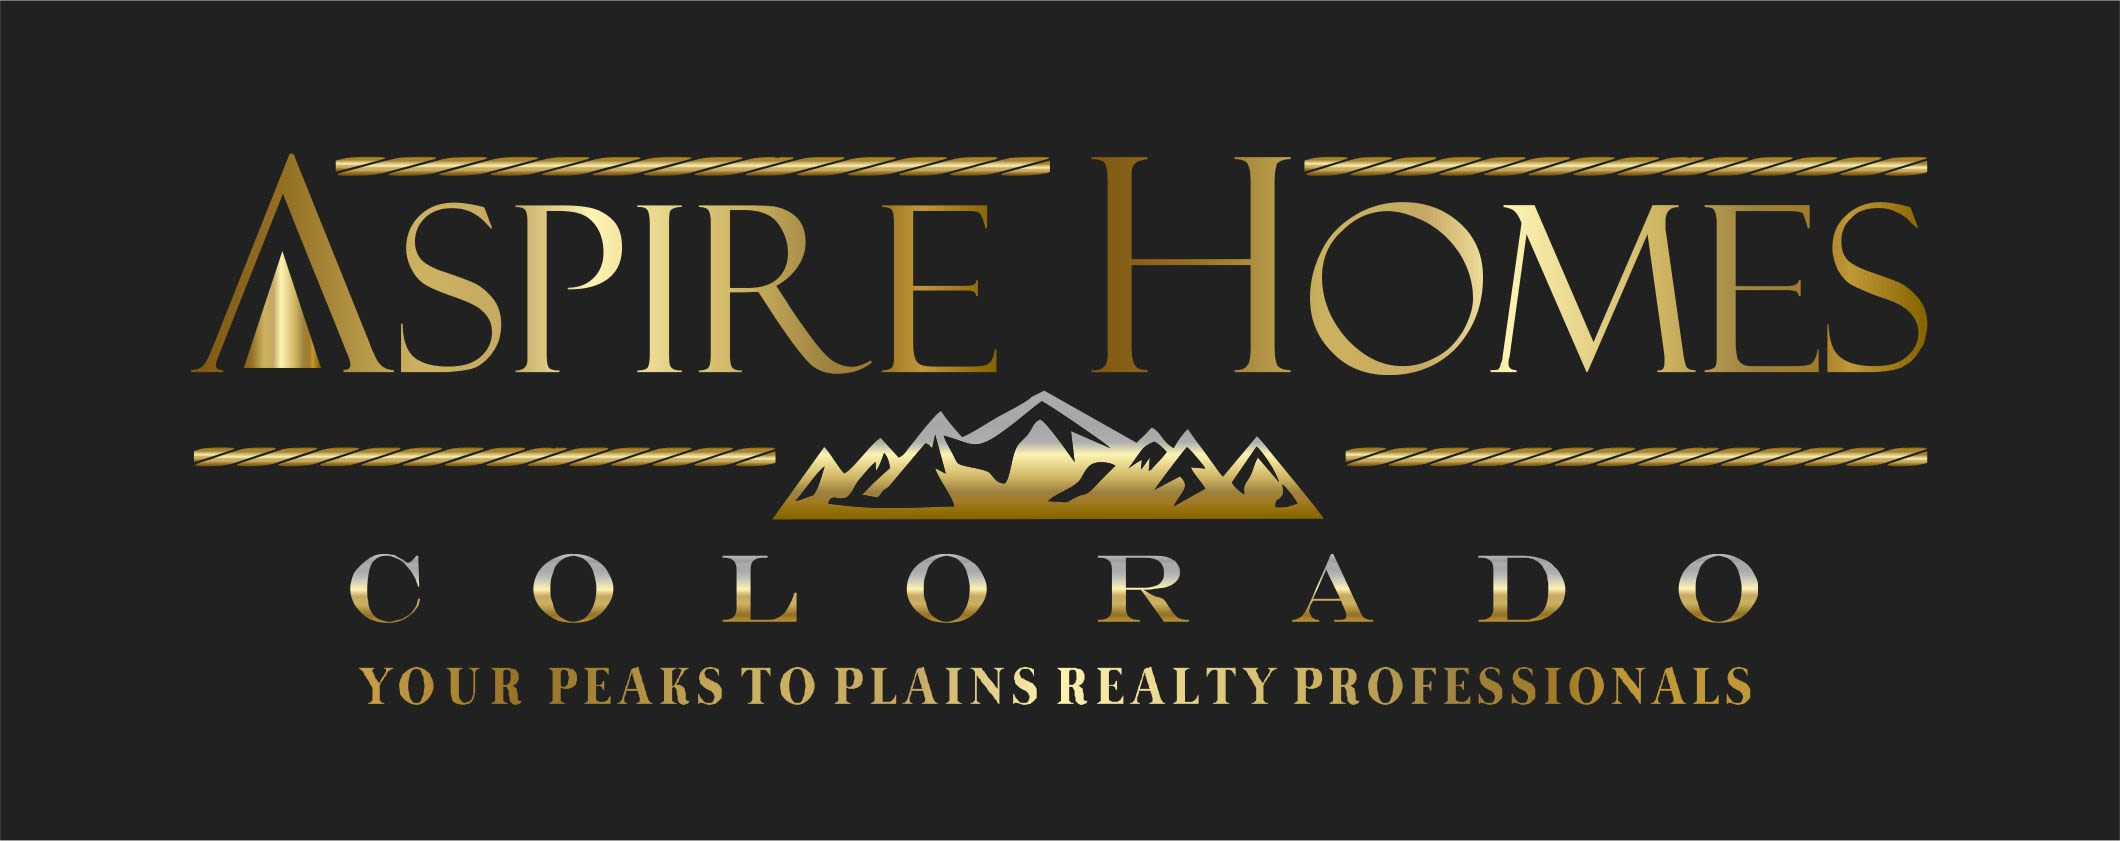 ASPIRE HOMES COLORADO